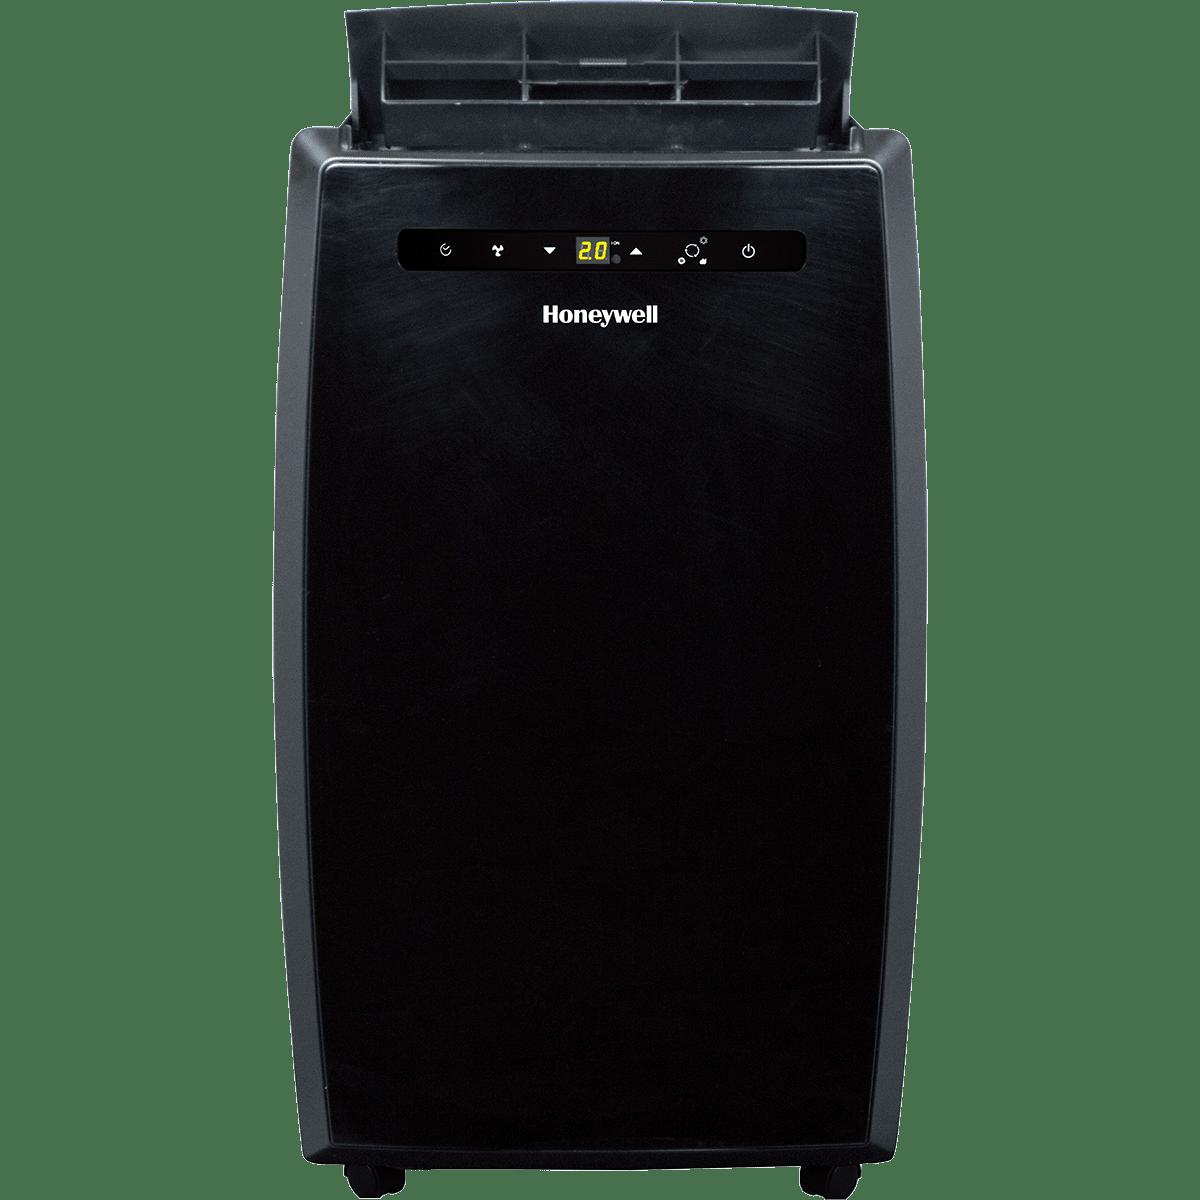 Honeywell 10,000 BTU Portable Air Conditioner - MN10CES ho3707